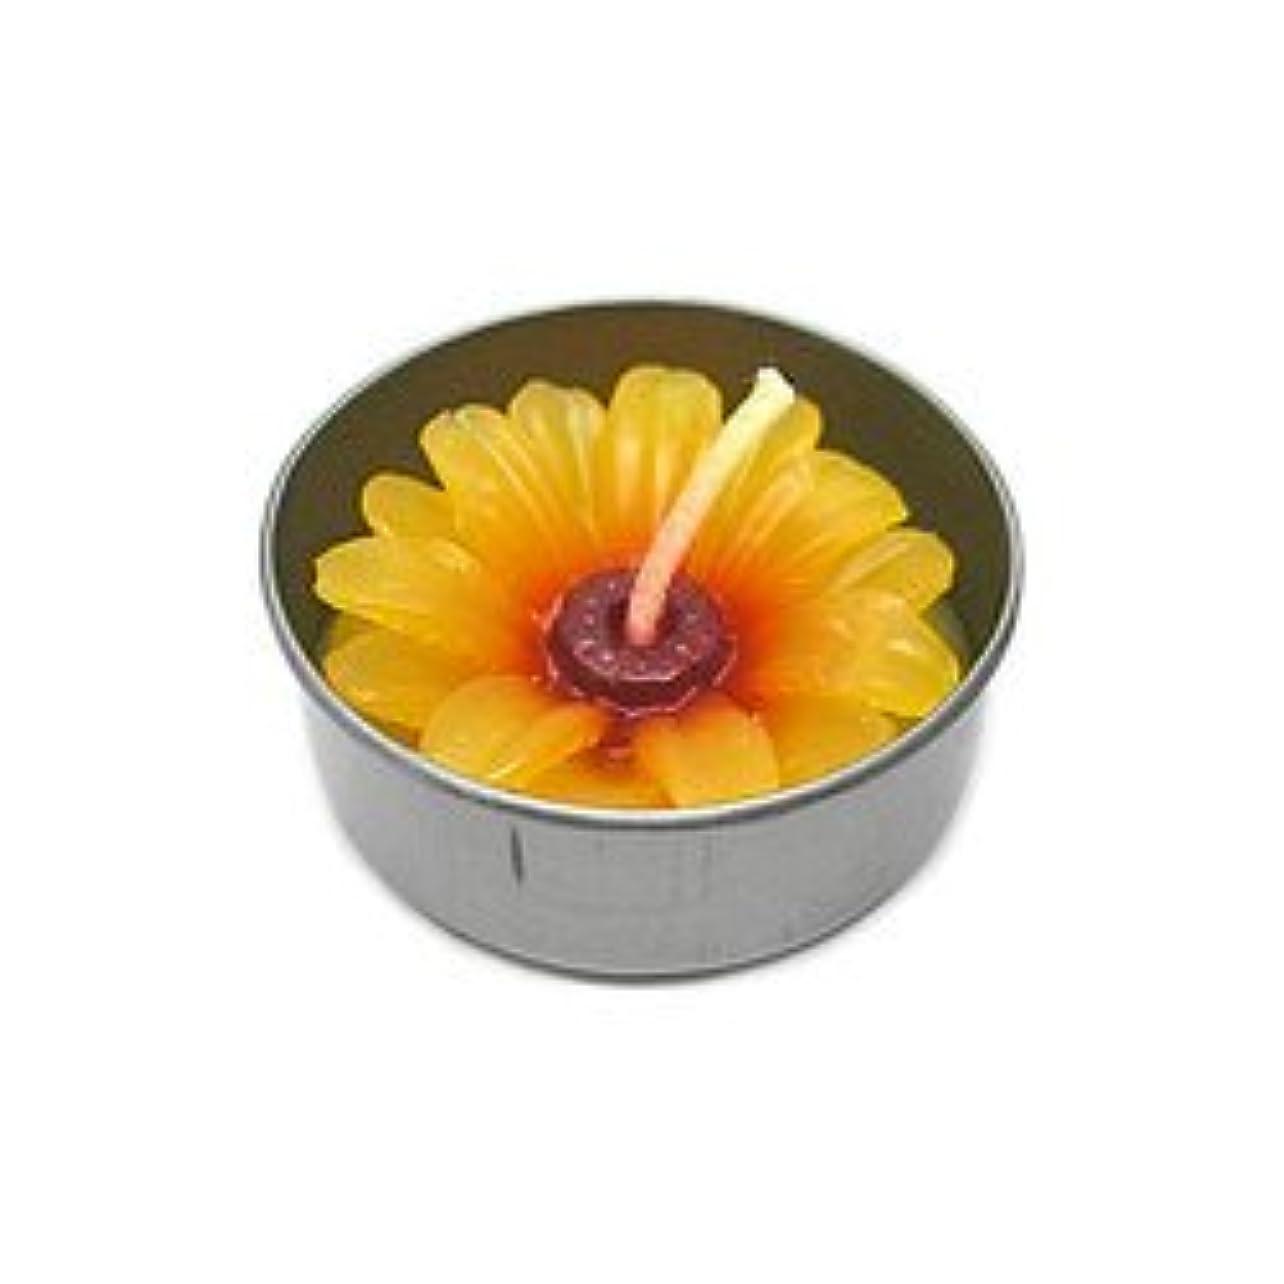 近々追放上院アロマキャンドル  ミニ お花 薄オレンジ 鉄の器入り 器直径4cm アジアン雑貨